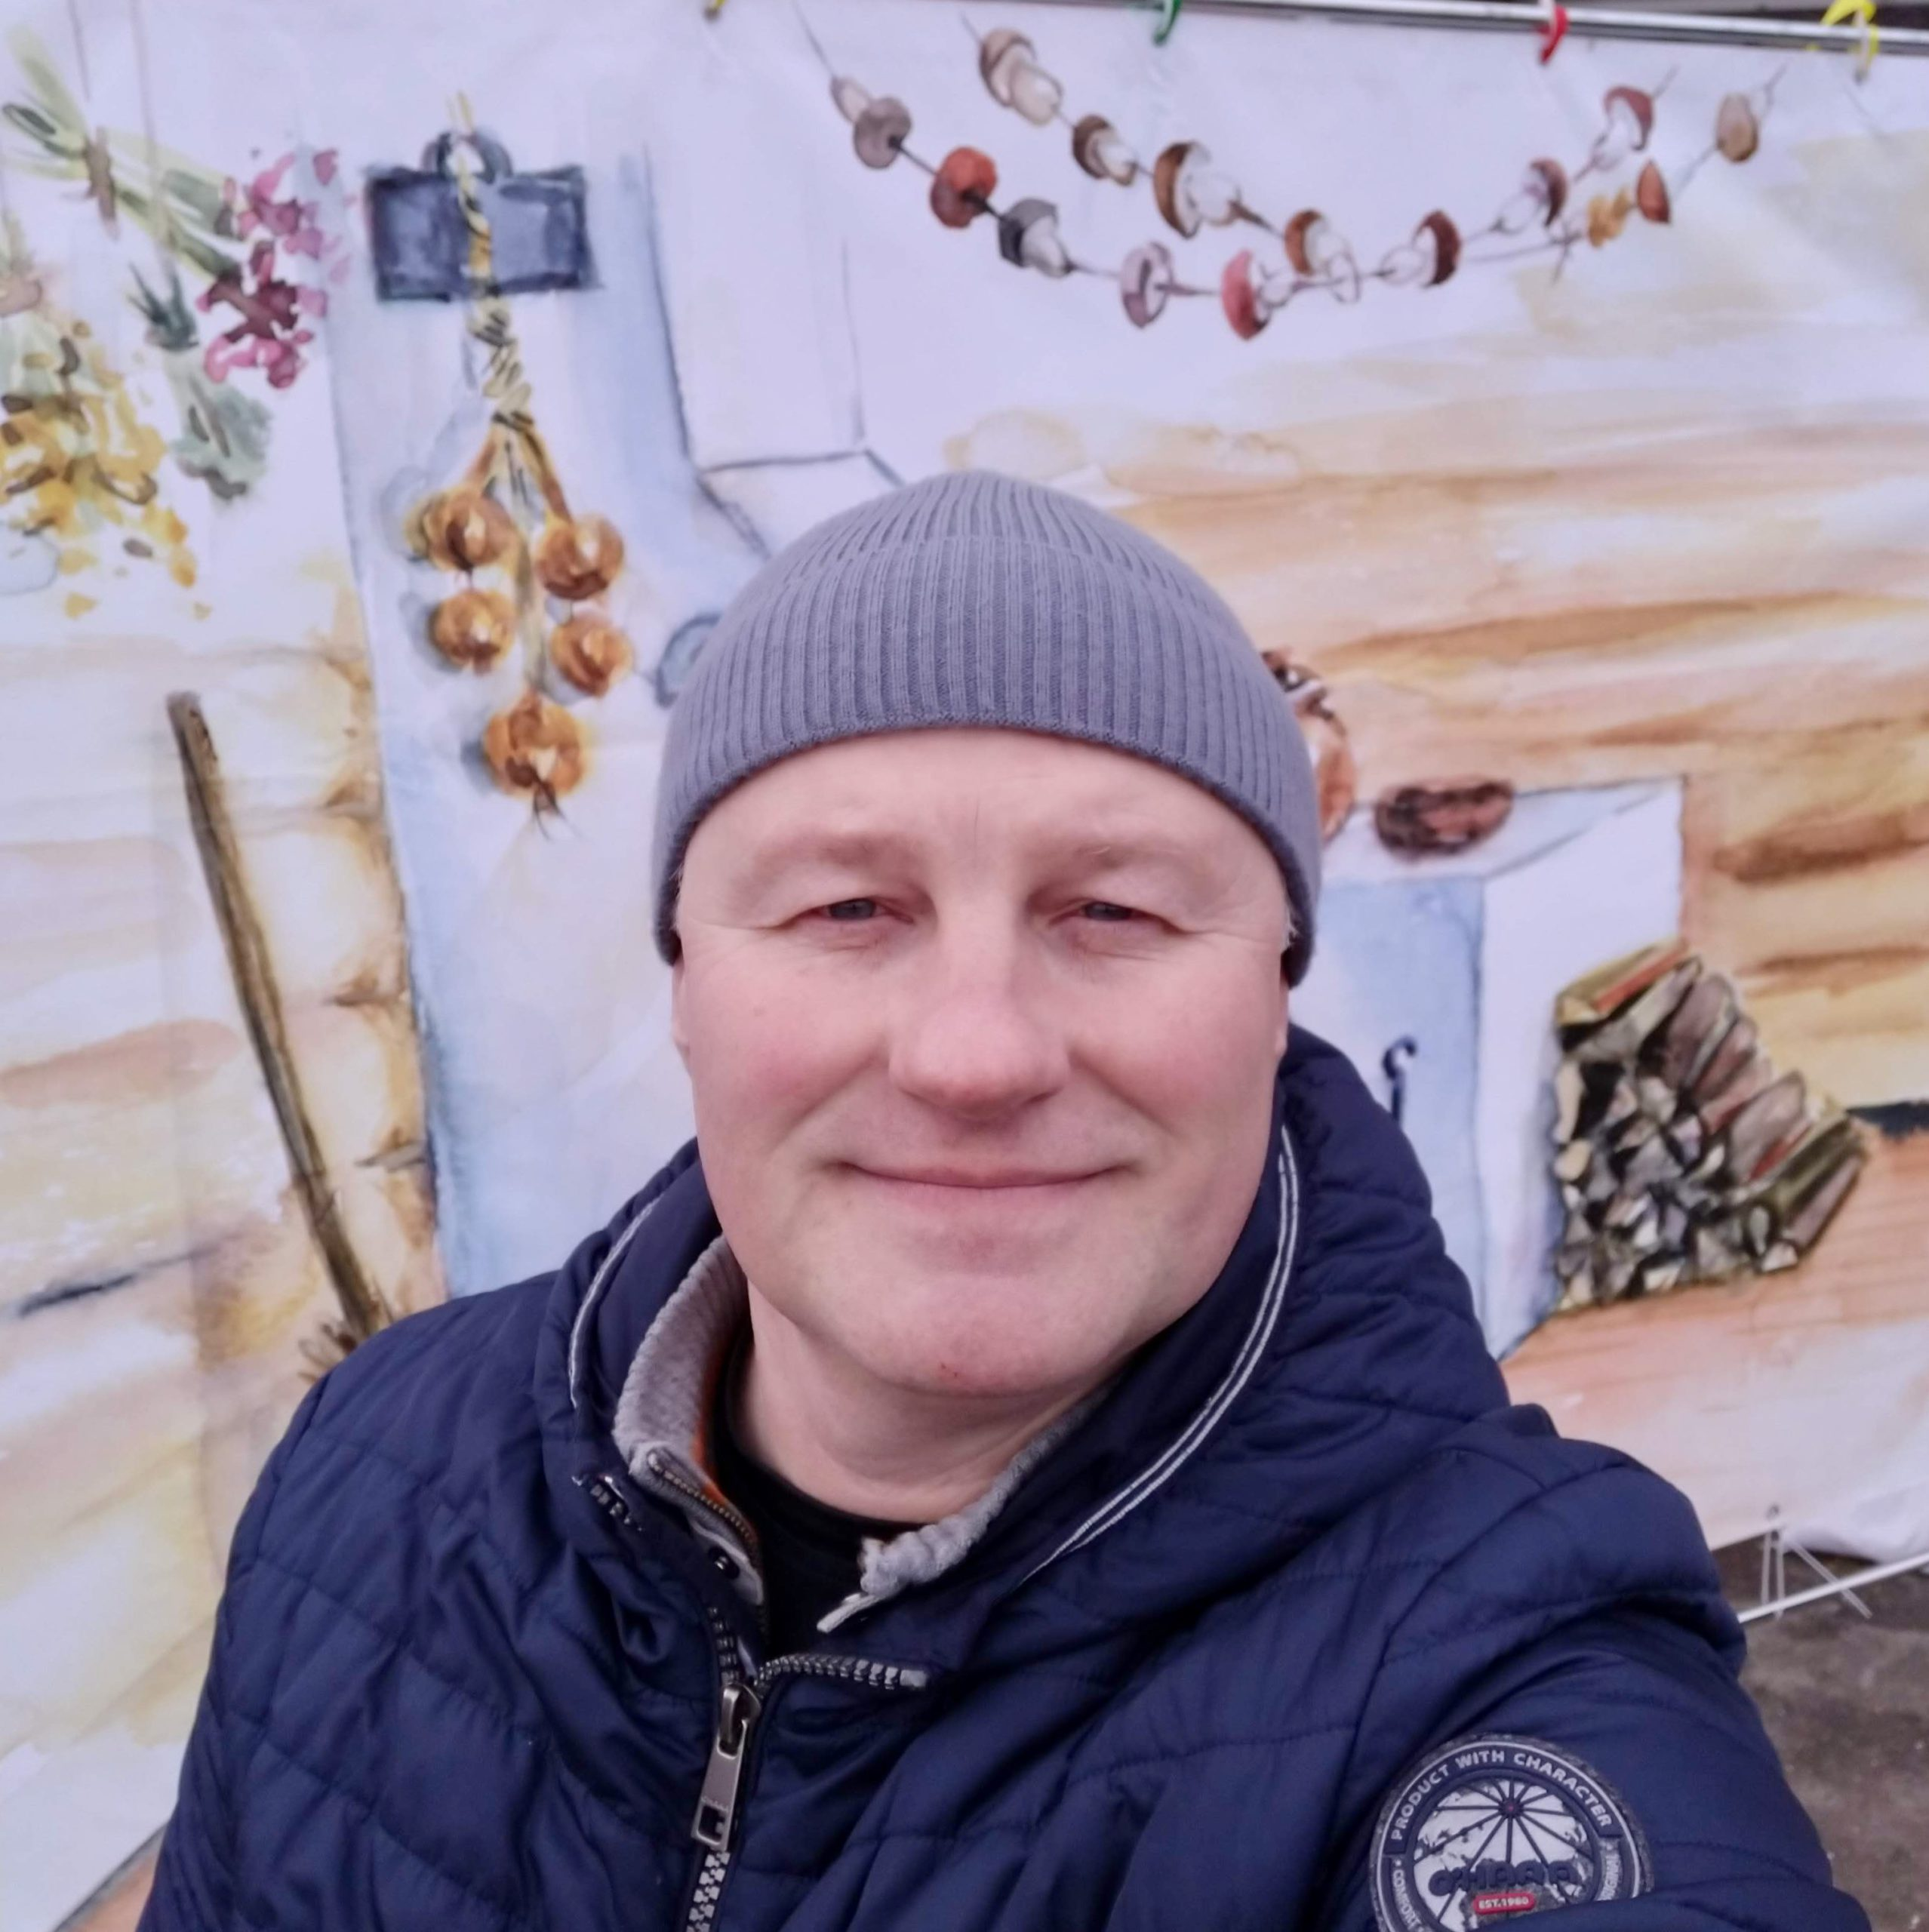 Скромный адвокат сегодня покаялся в грехах, завтра апелляция в Свердловском областном суде по наркотикам.